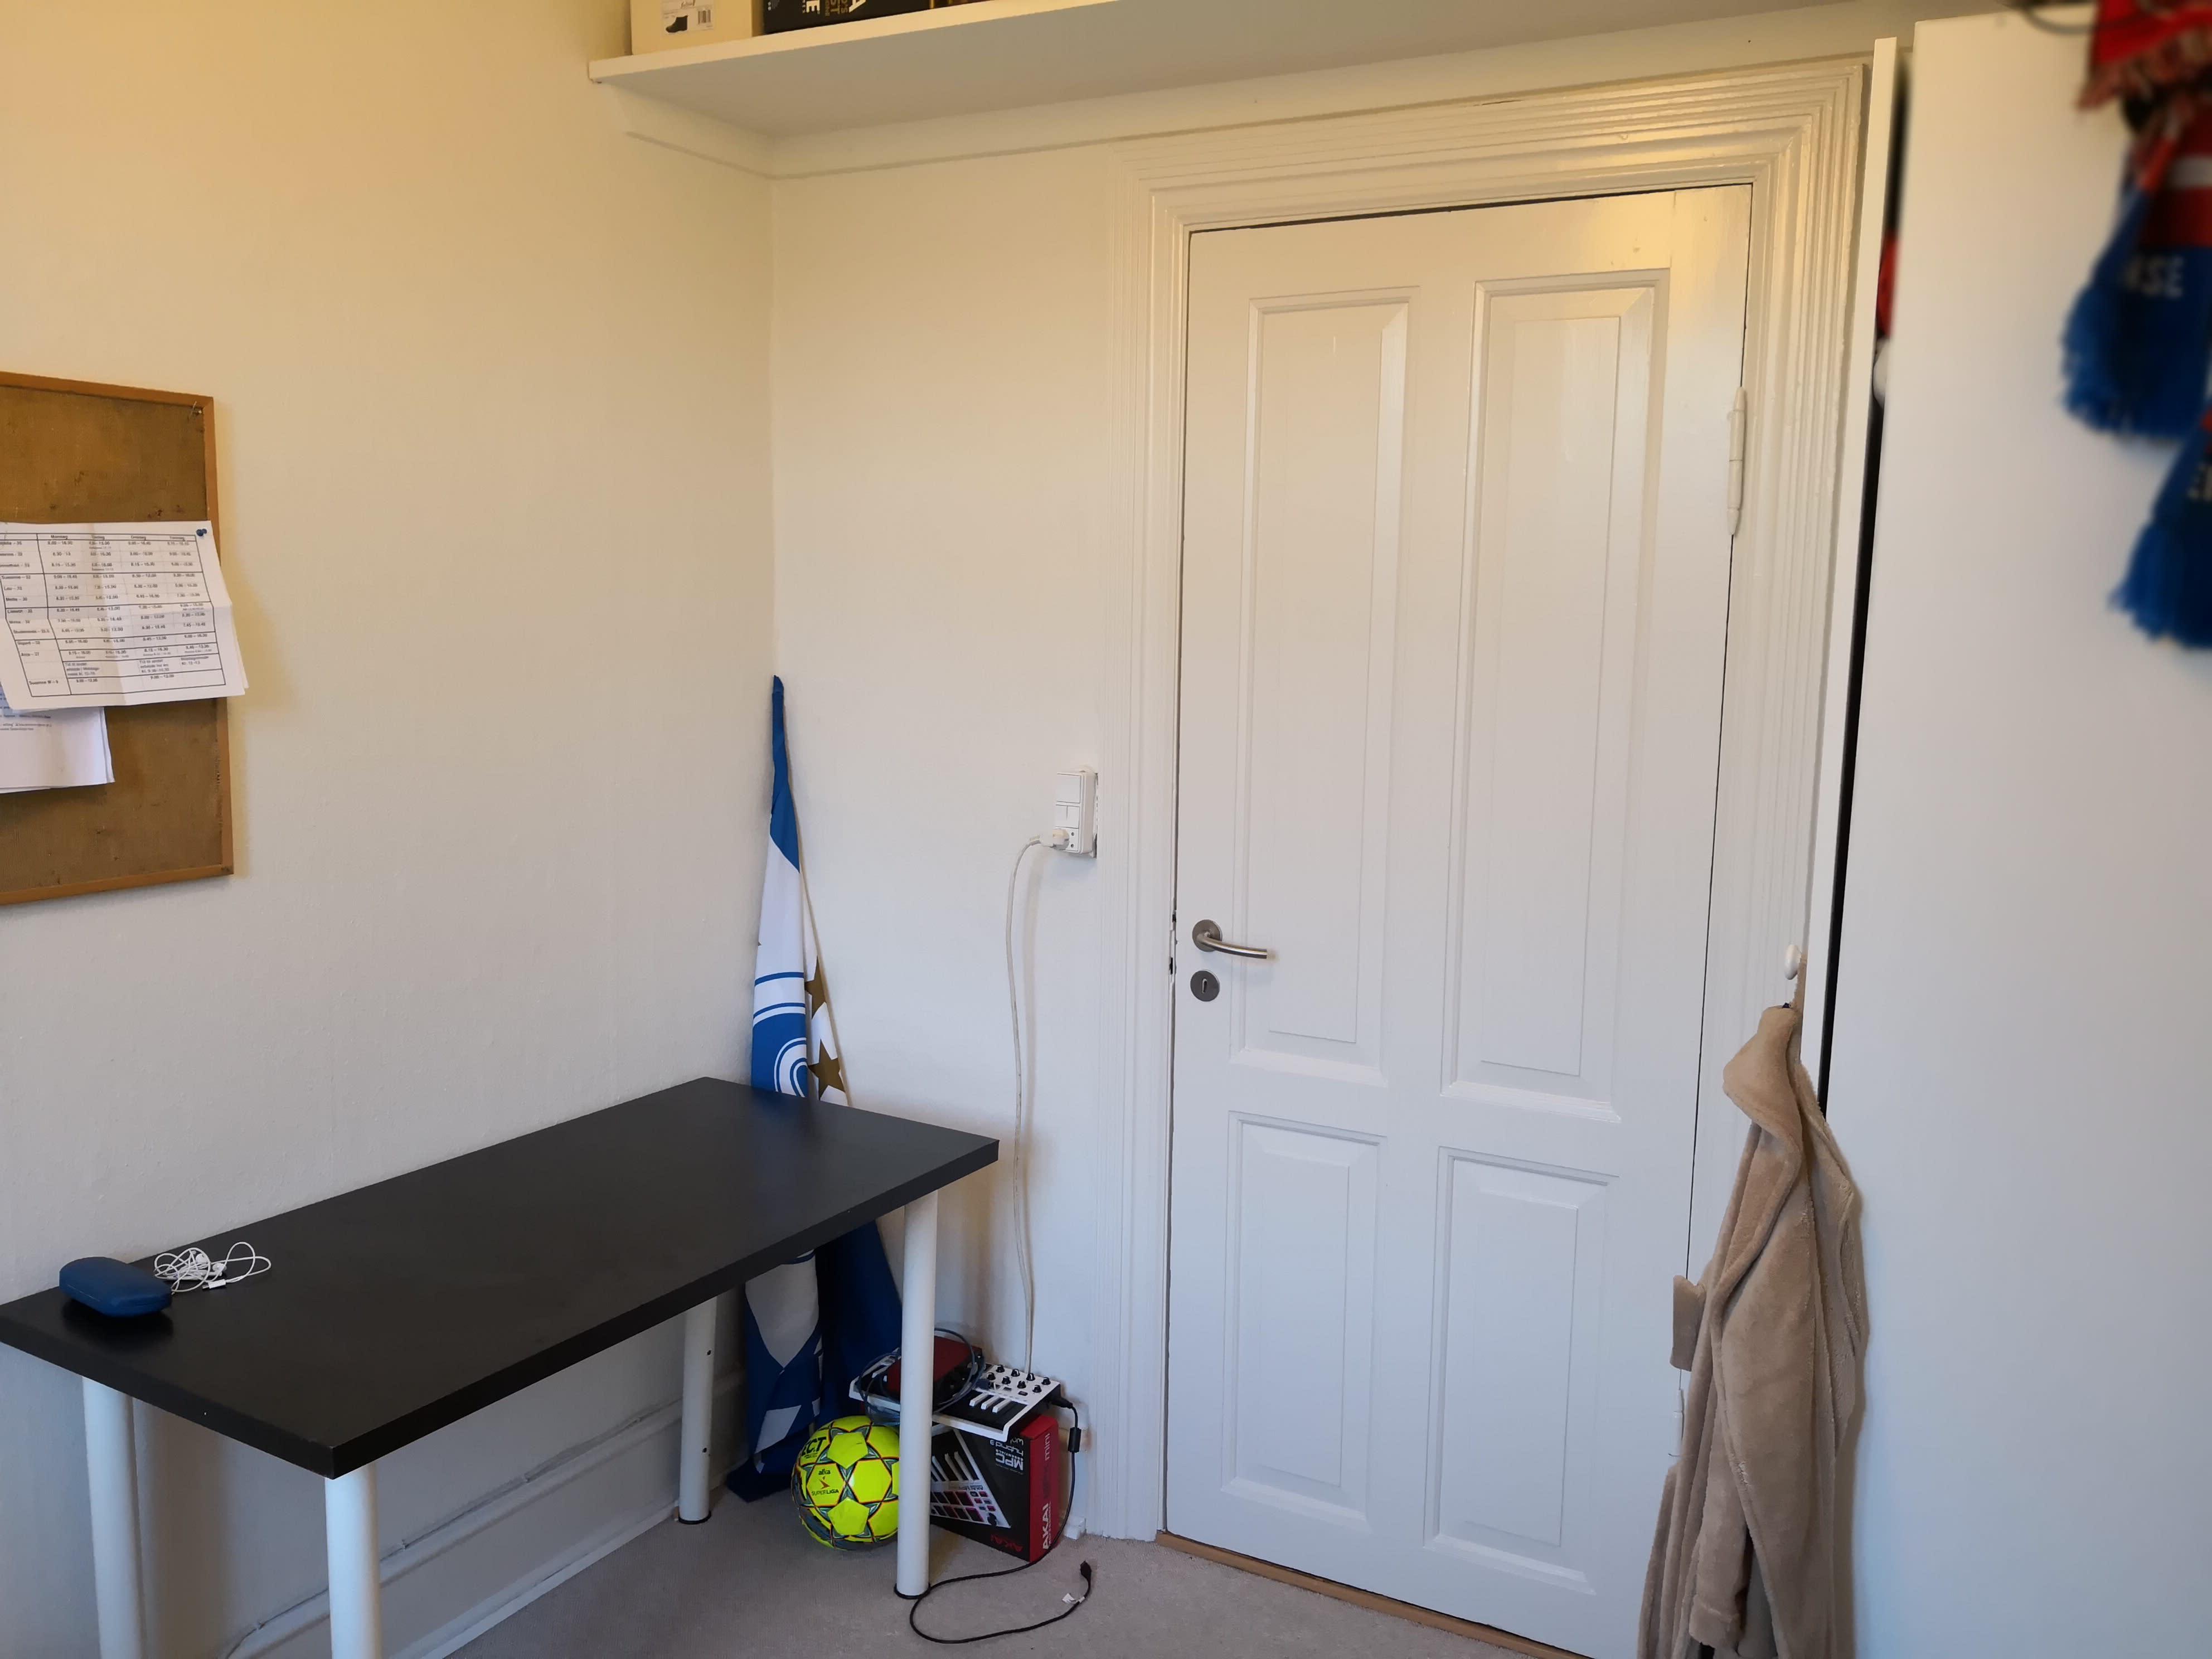 Roomie søges til stor lys 5 værelses lejlighed midt i Odense